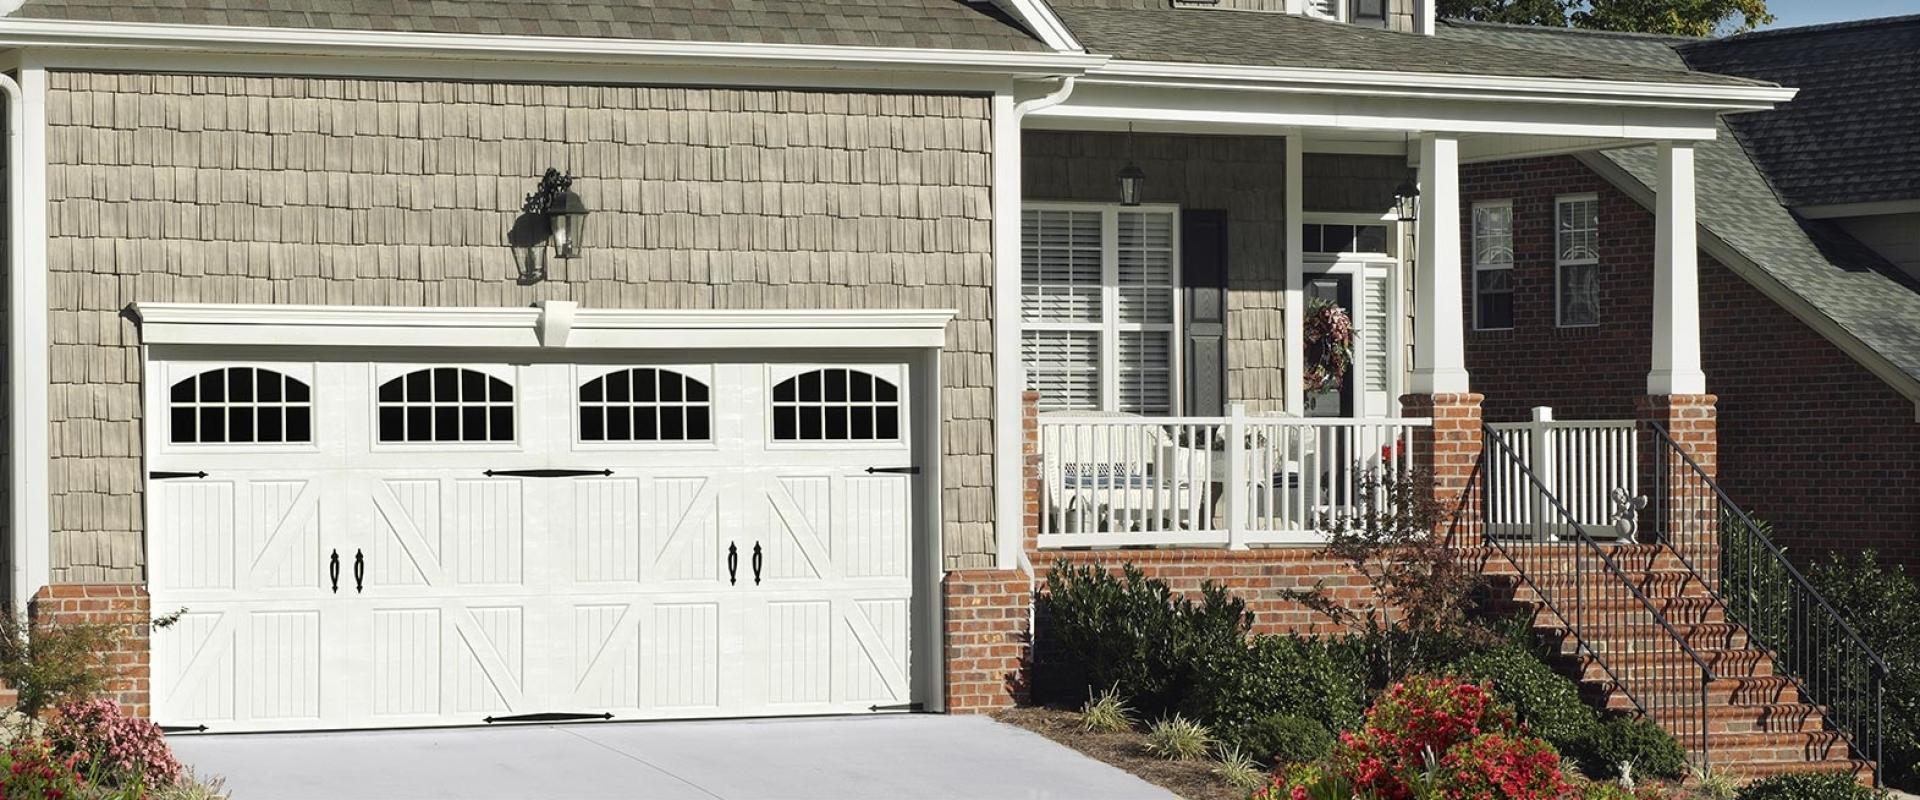 800 #436988 Home C&W Garage Doors wallpaper Home Garage Doors 37851920